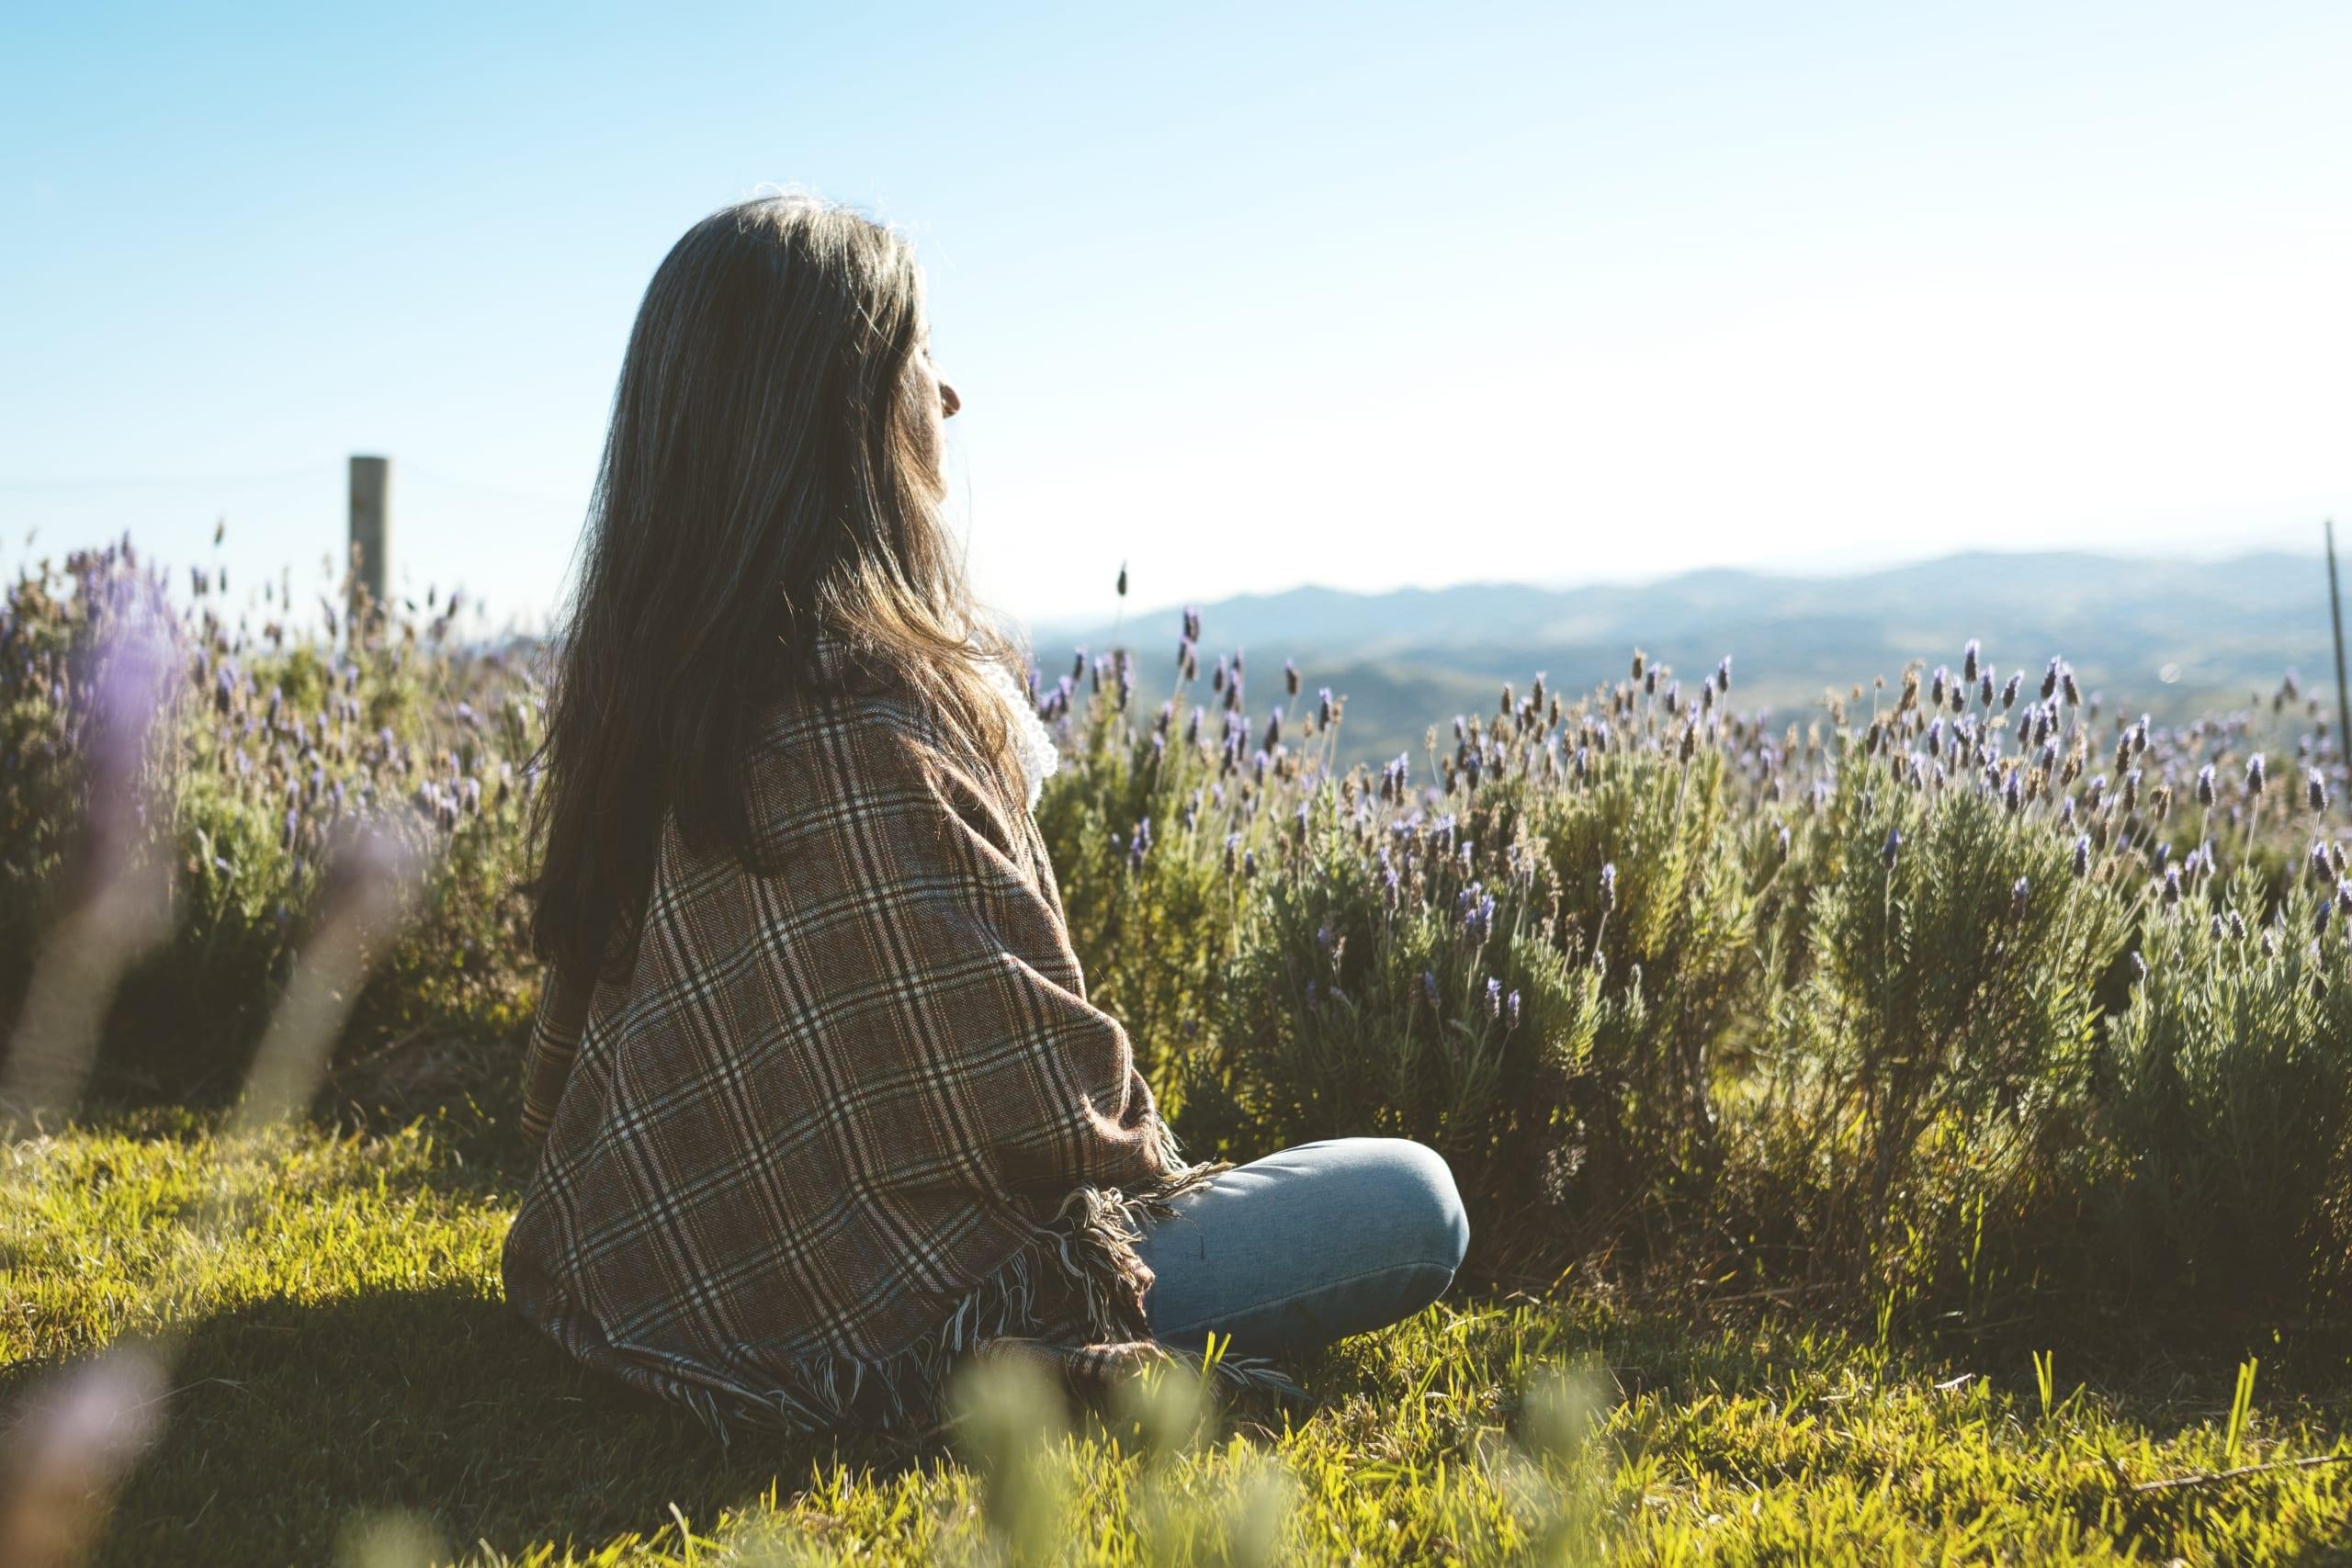 Junge Frau sitzt in der Natur und blickt in die Ferne